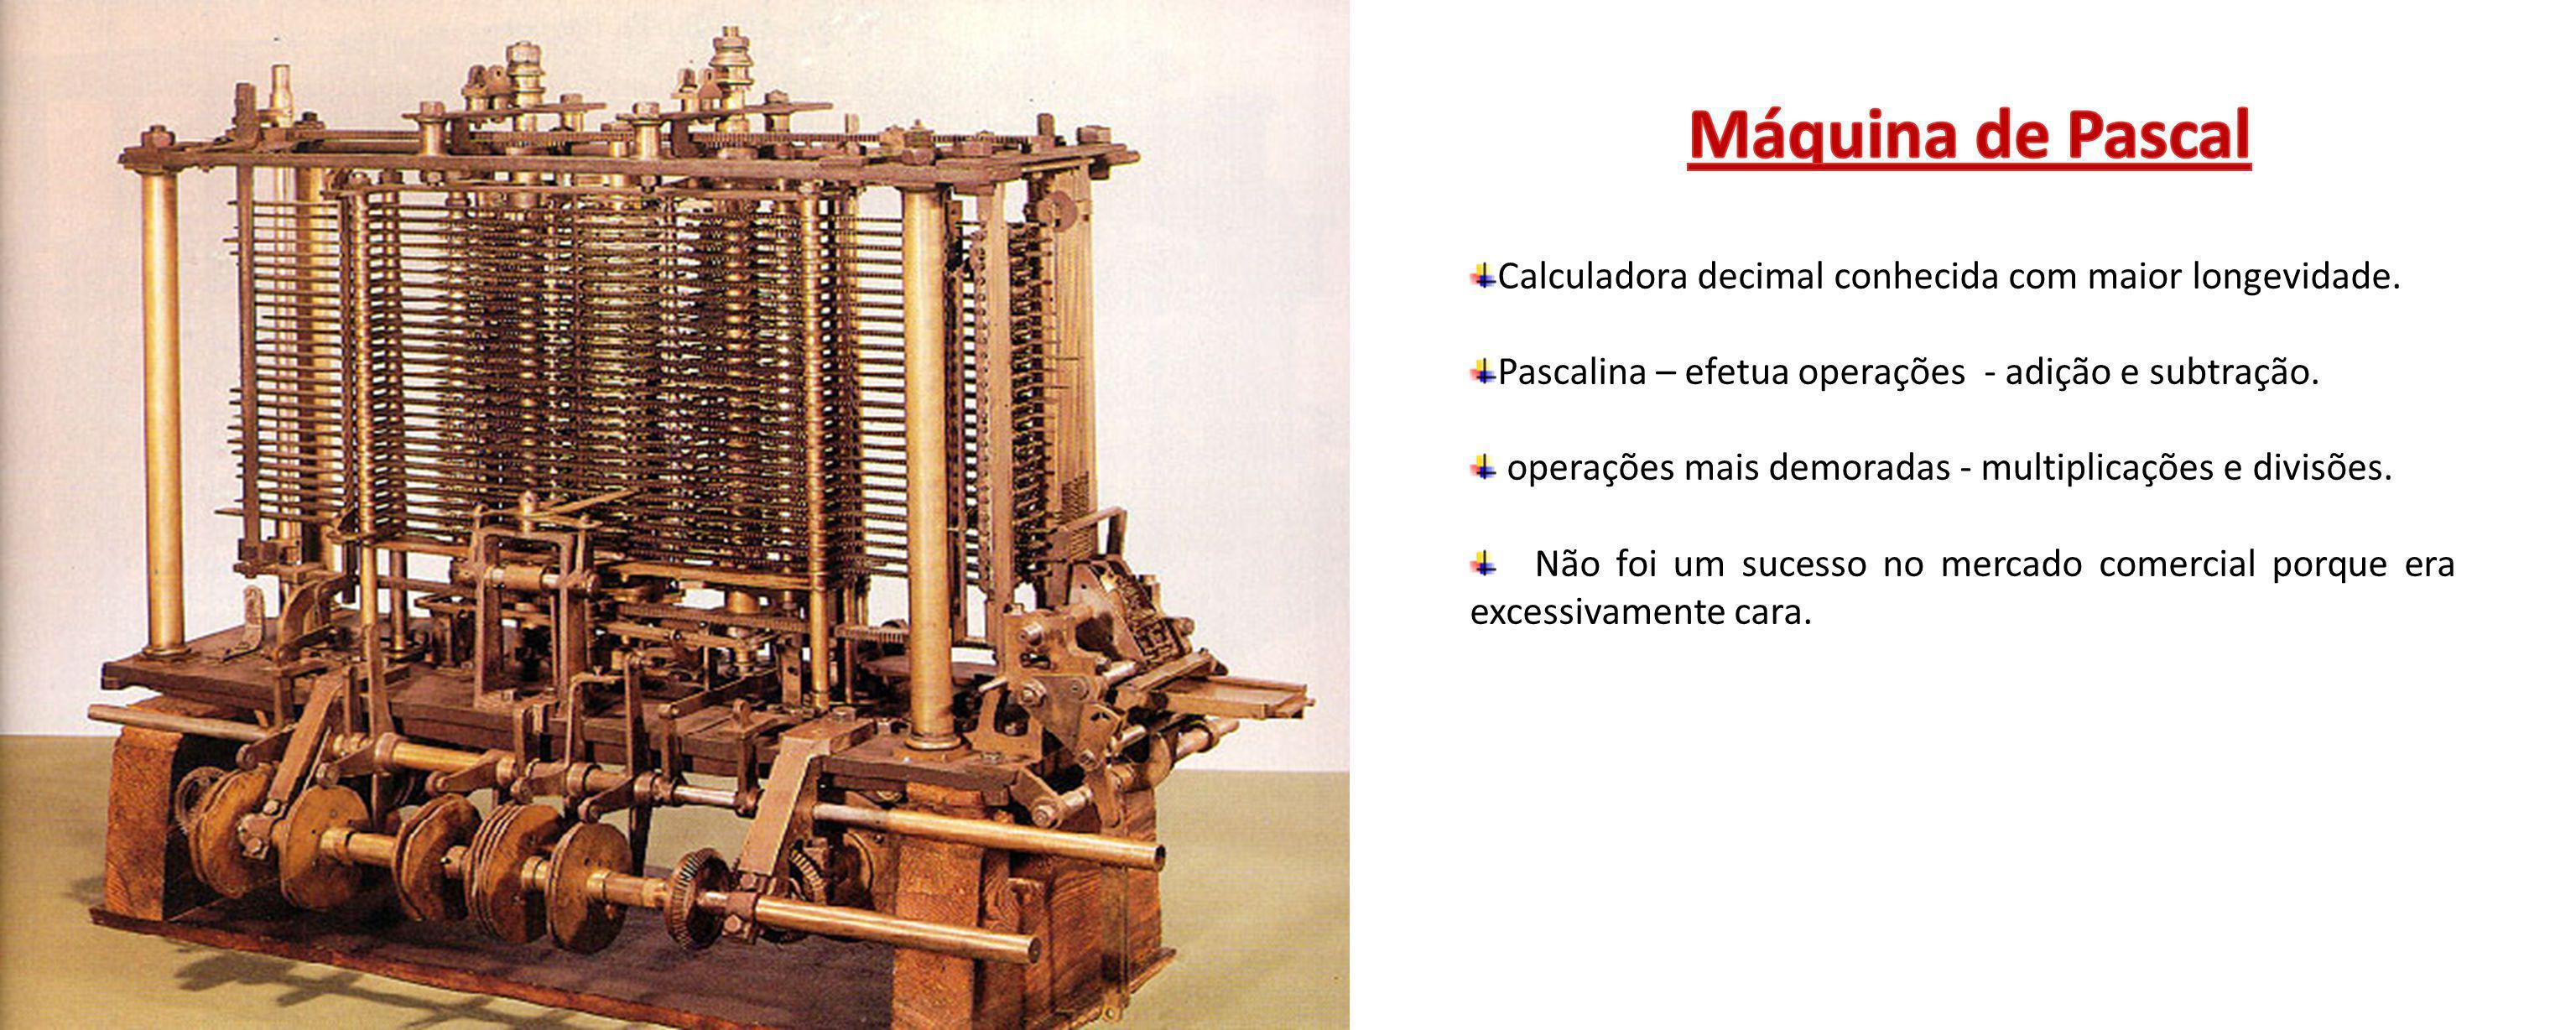 Máquina de Pascal Calculadora decimal conhecida com maior longevidade.